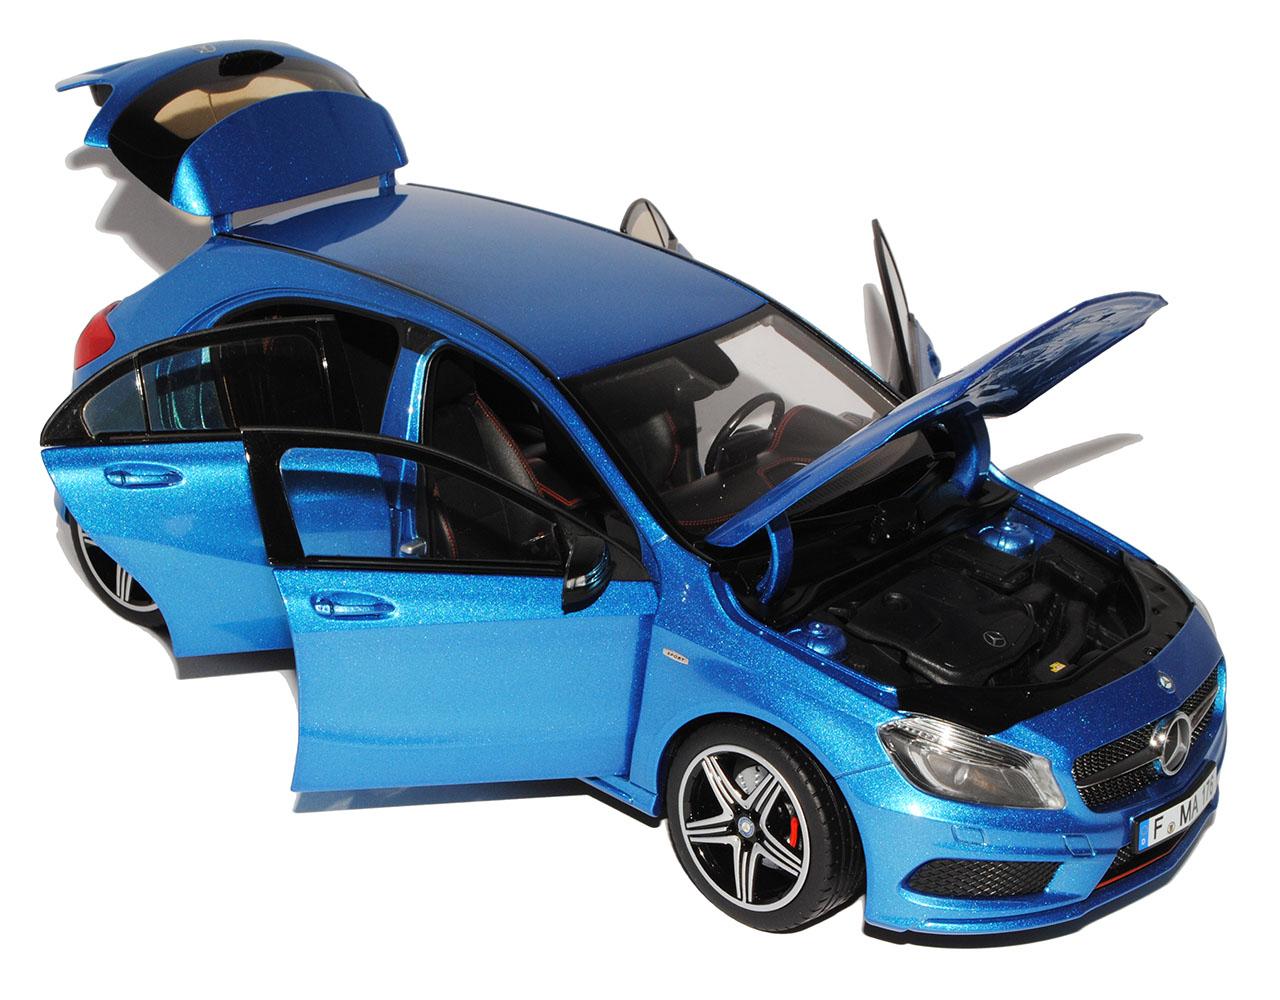 Mercedes-benz a-clase azul metalizado Sport w176 a partir de de de 2012 1 18 norev modelo coche... d003a1